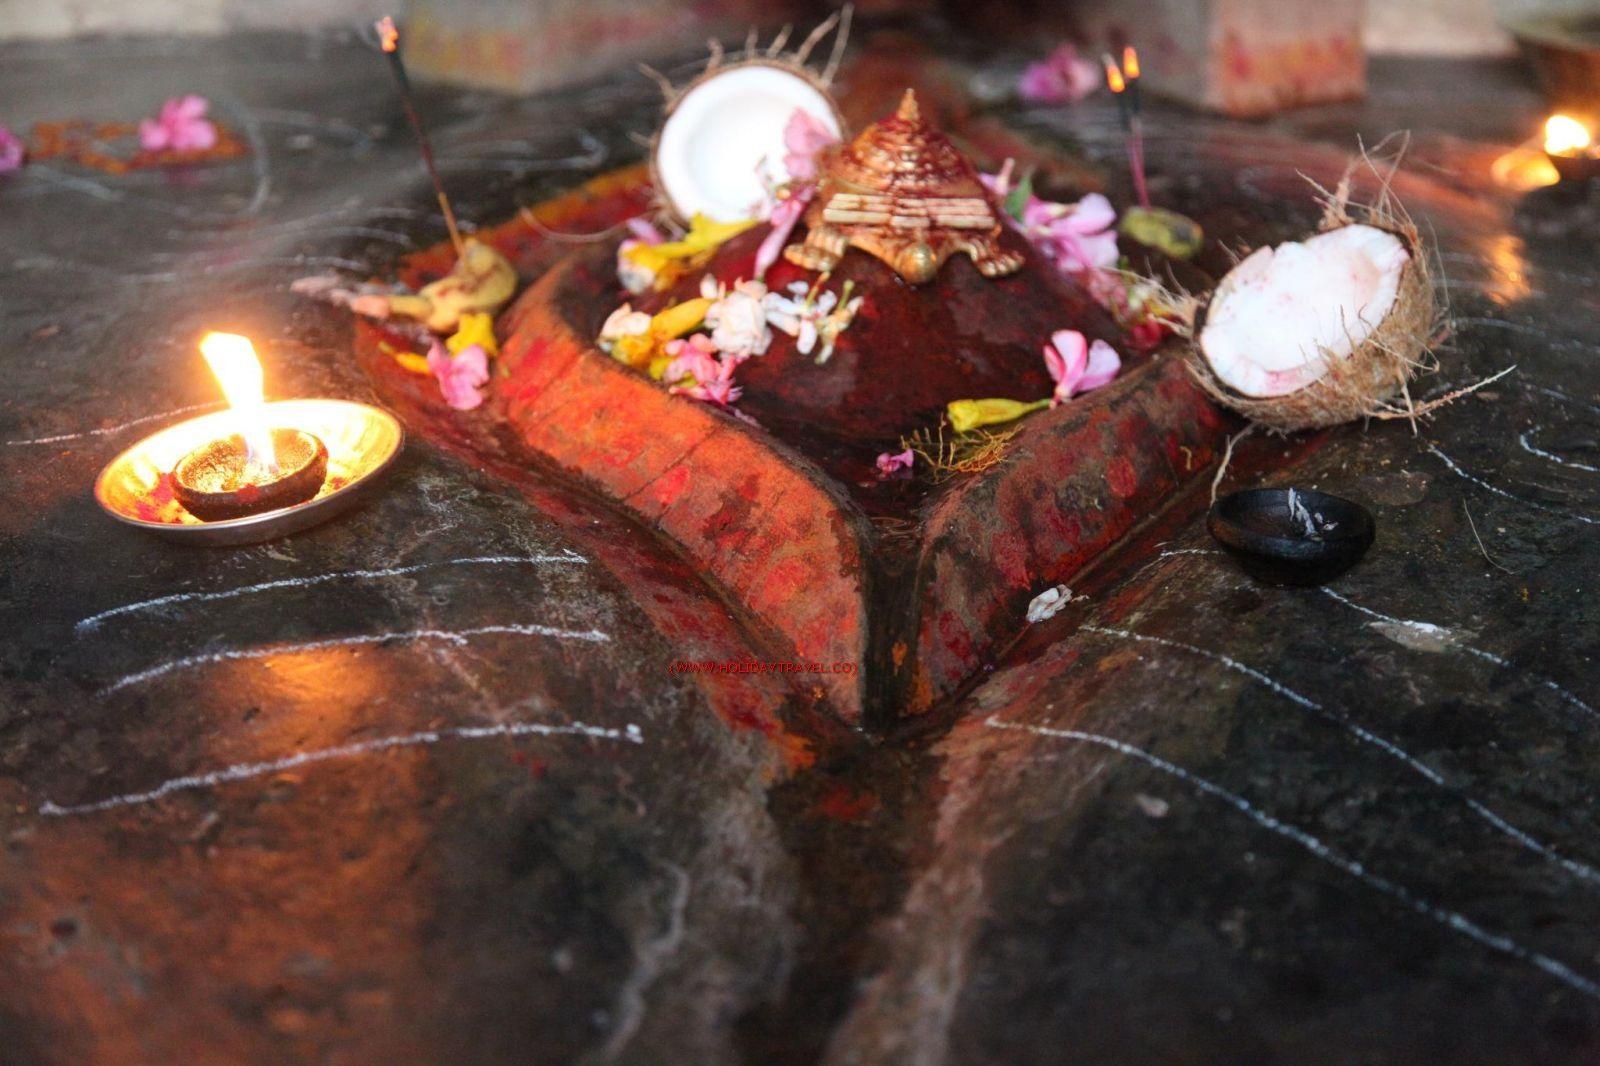 Kamakhya Or Kamroop Shaktipeeth Guwahati Assam Devi S Yoni Fell Here And The Idols Are Devi As Kamakhya